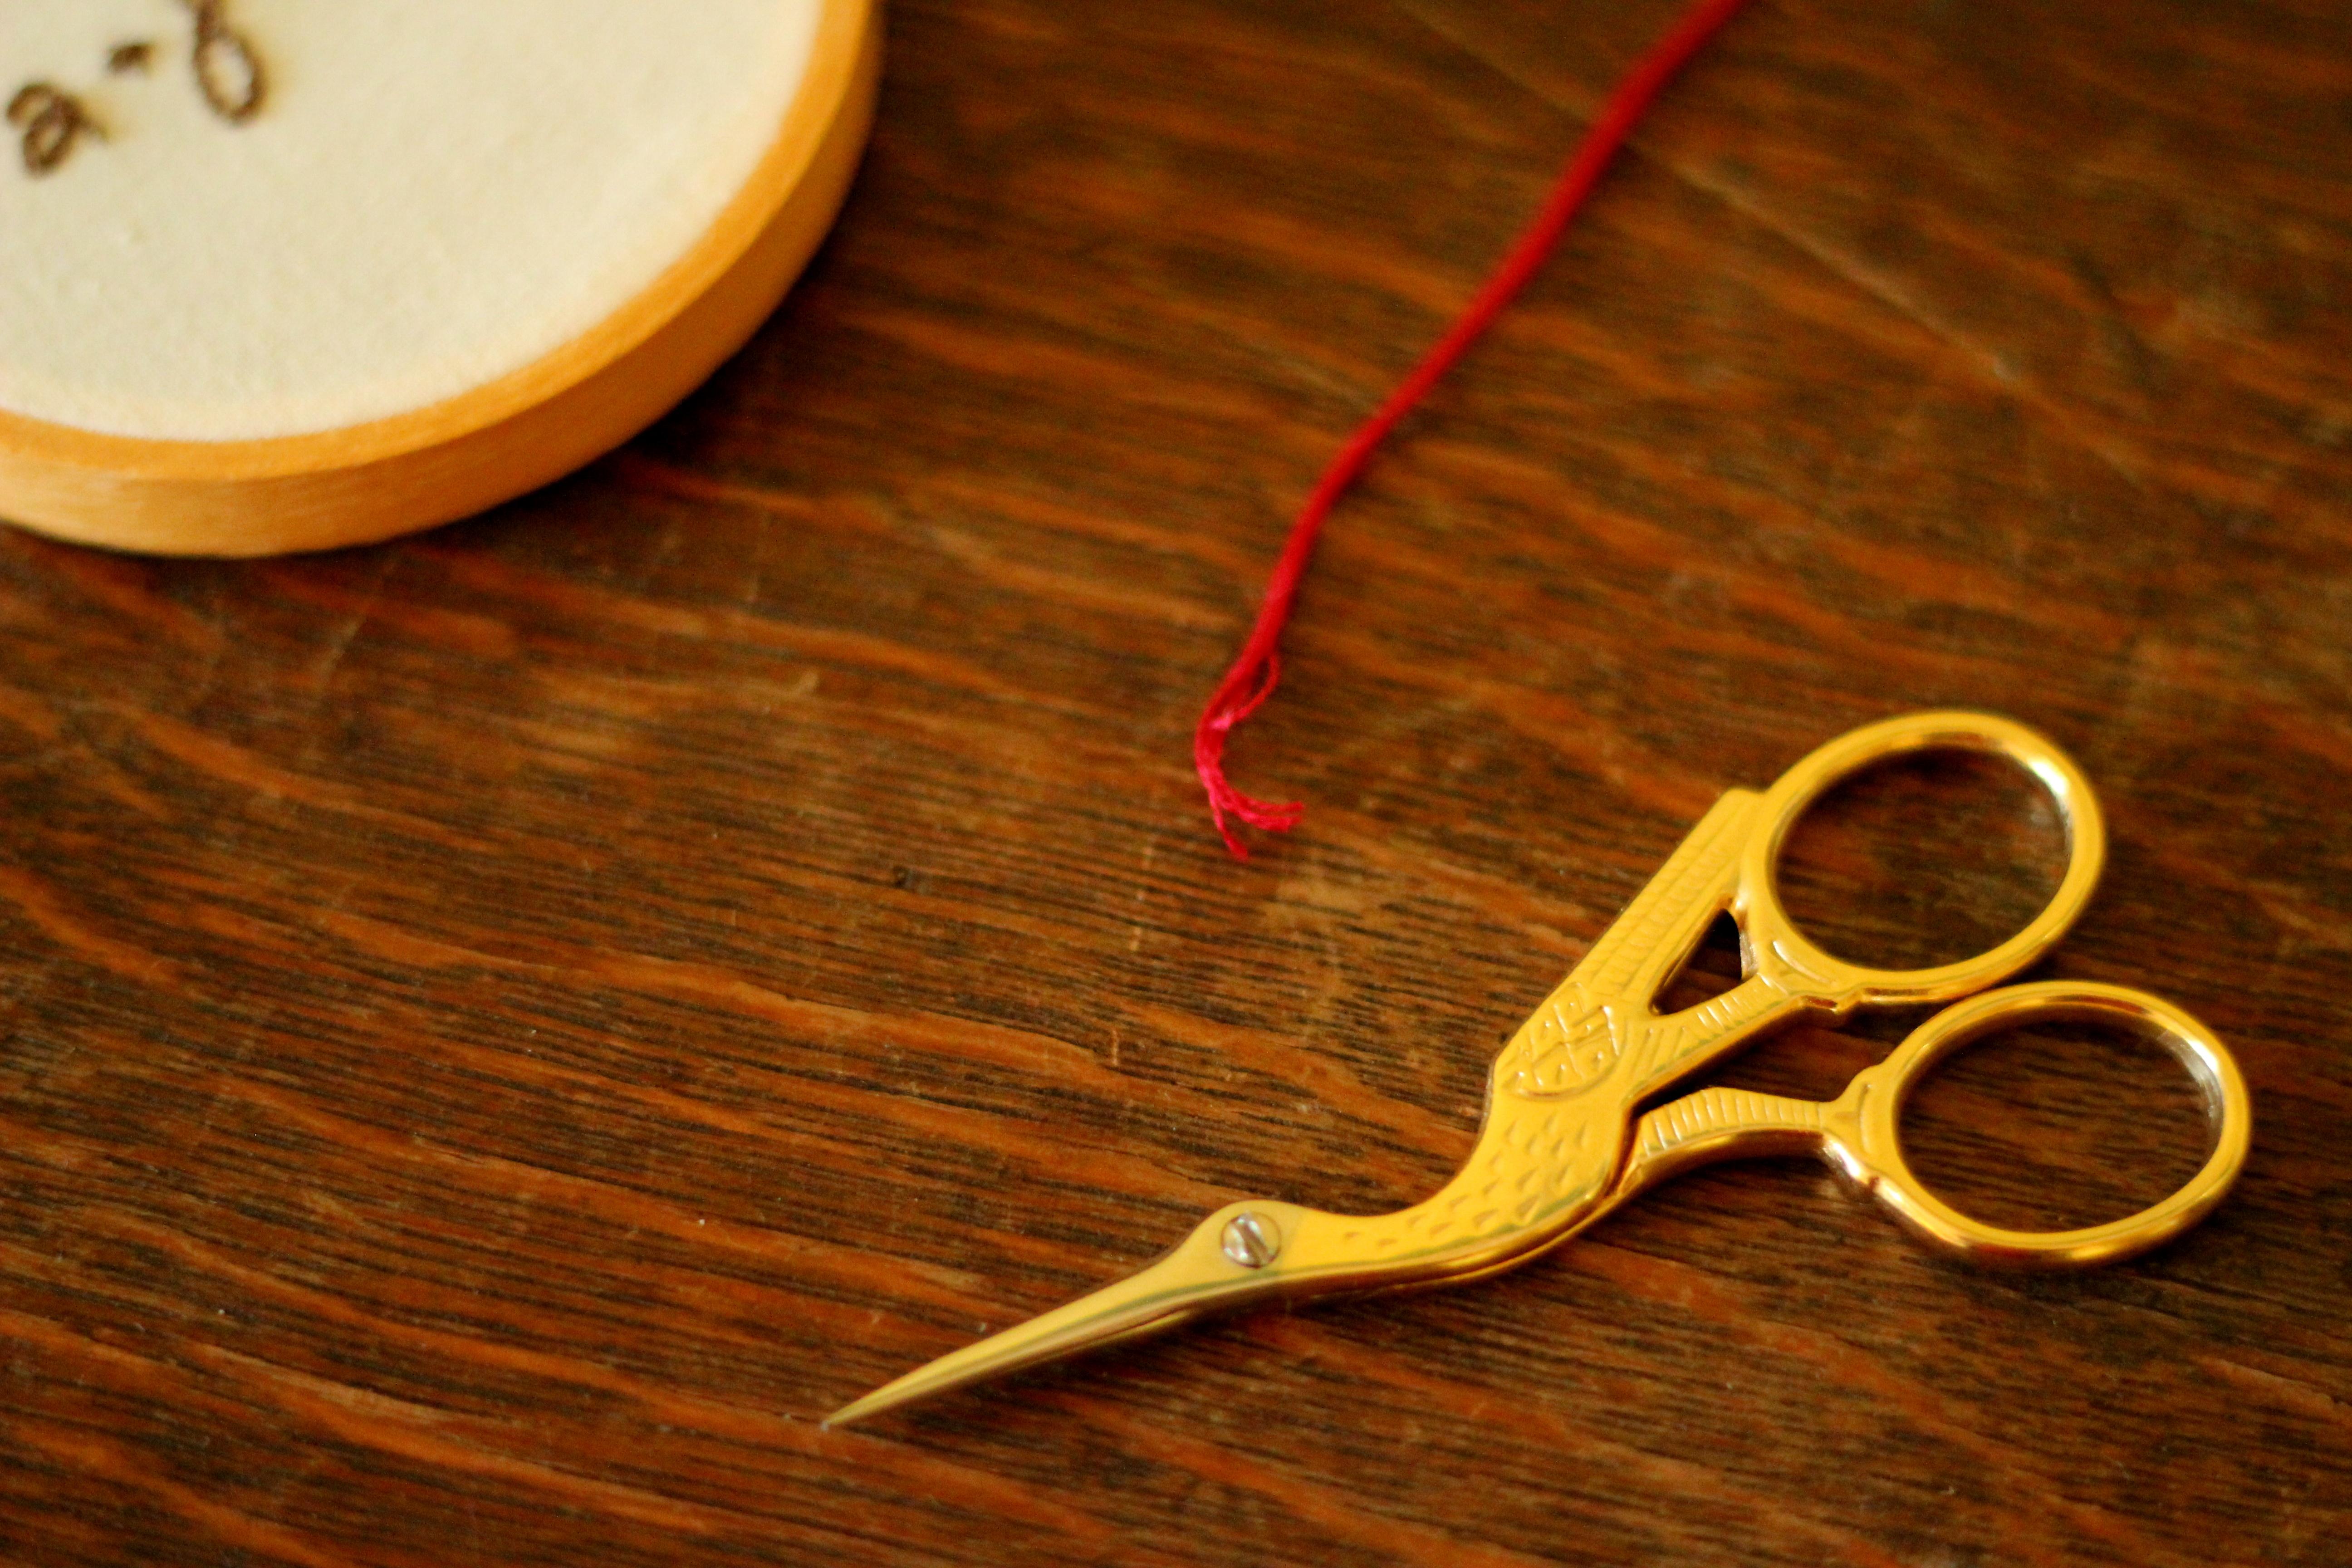 my sweet new scissors